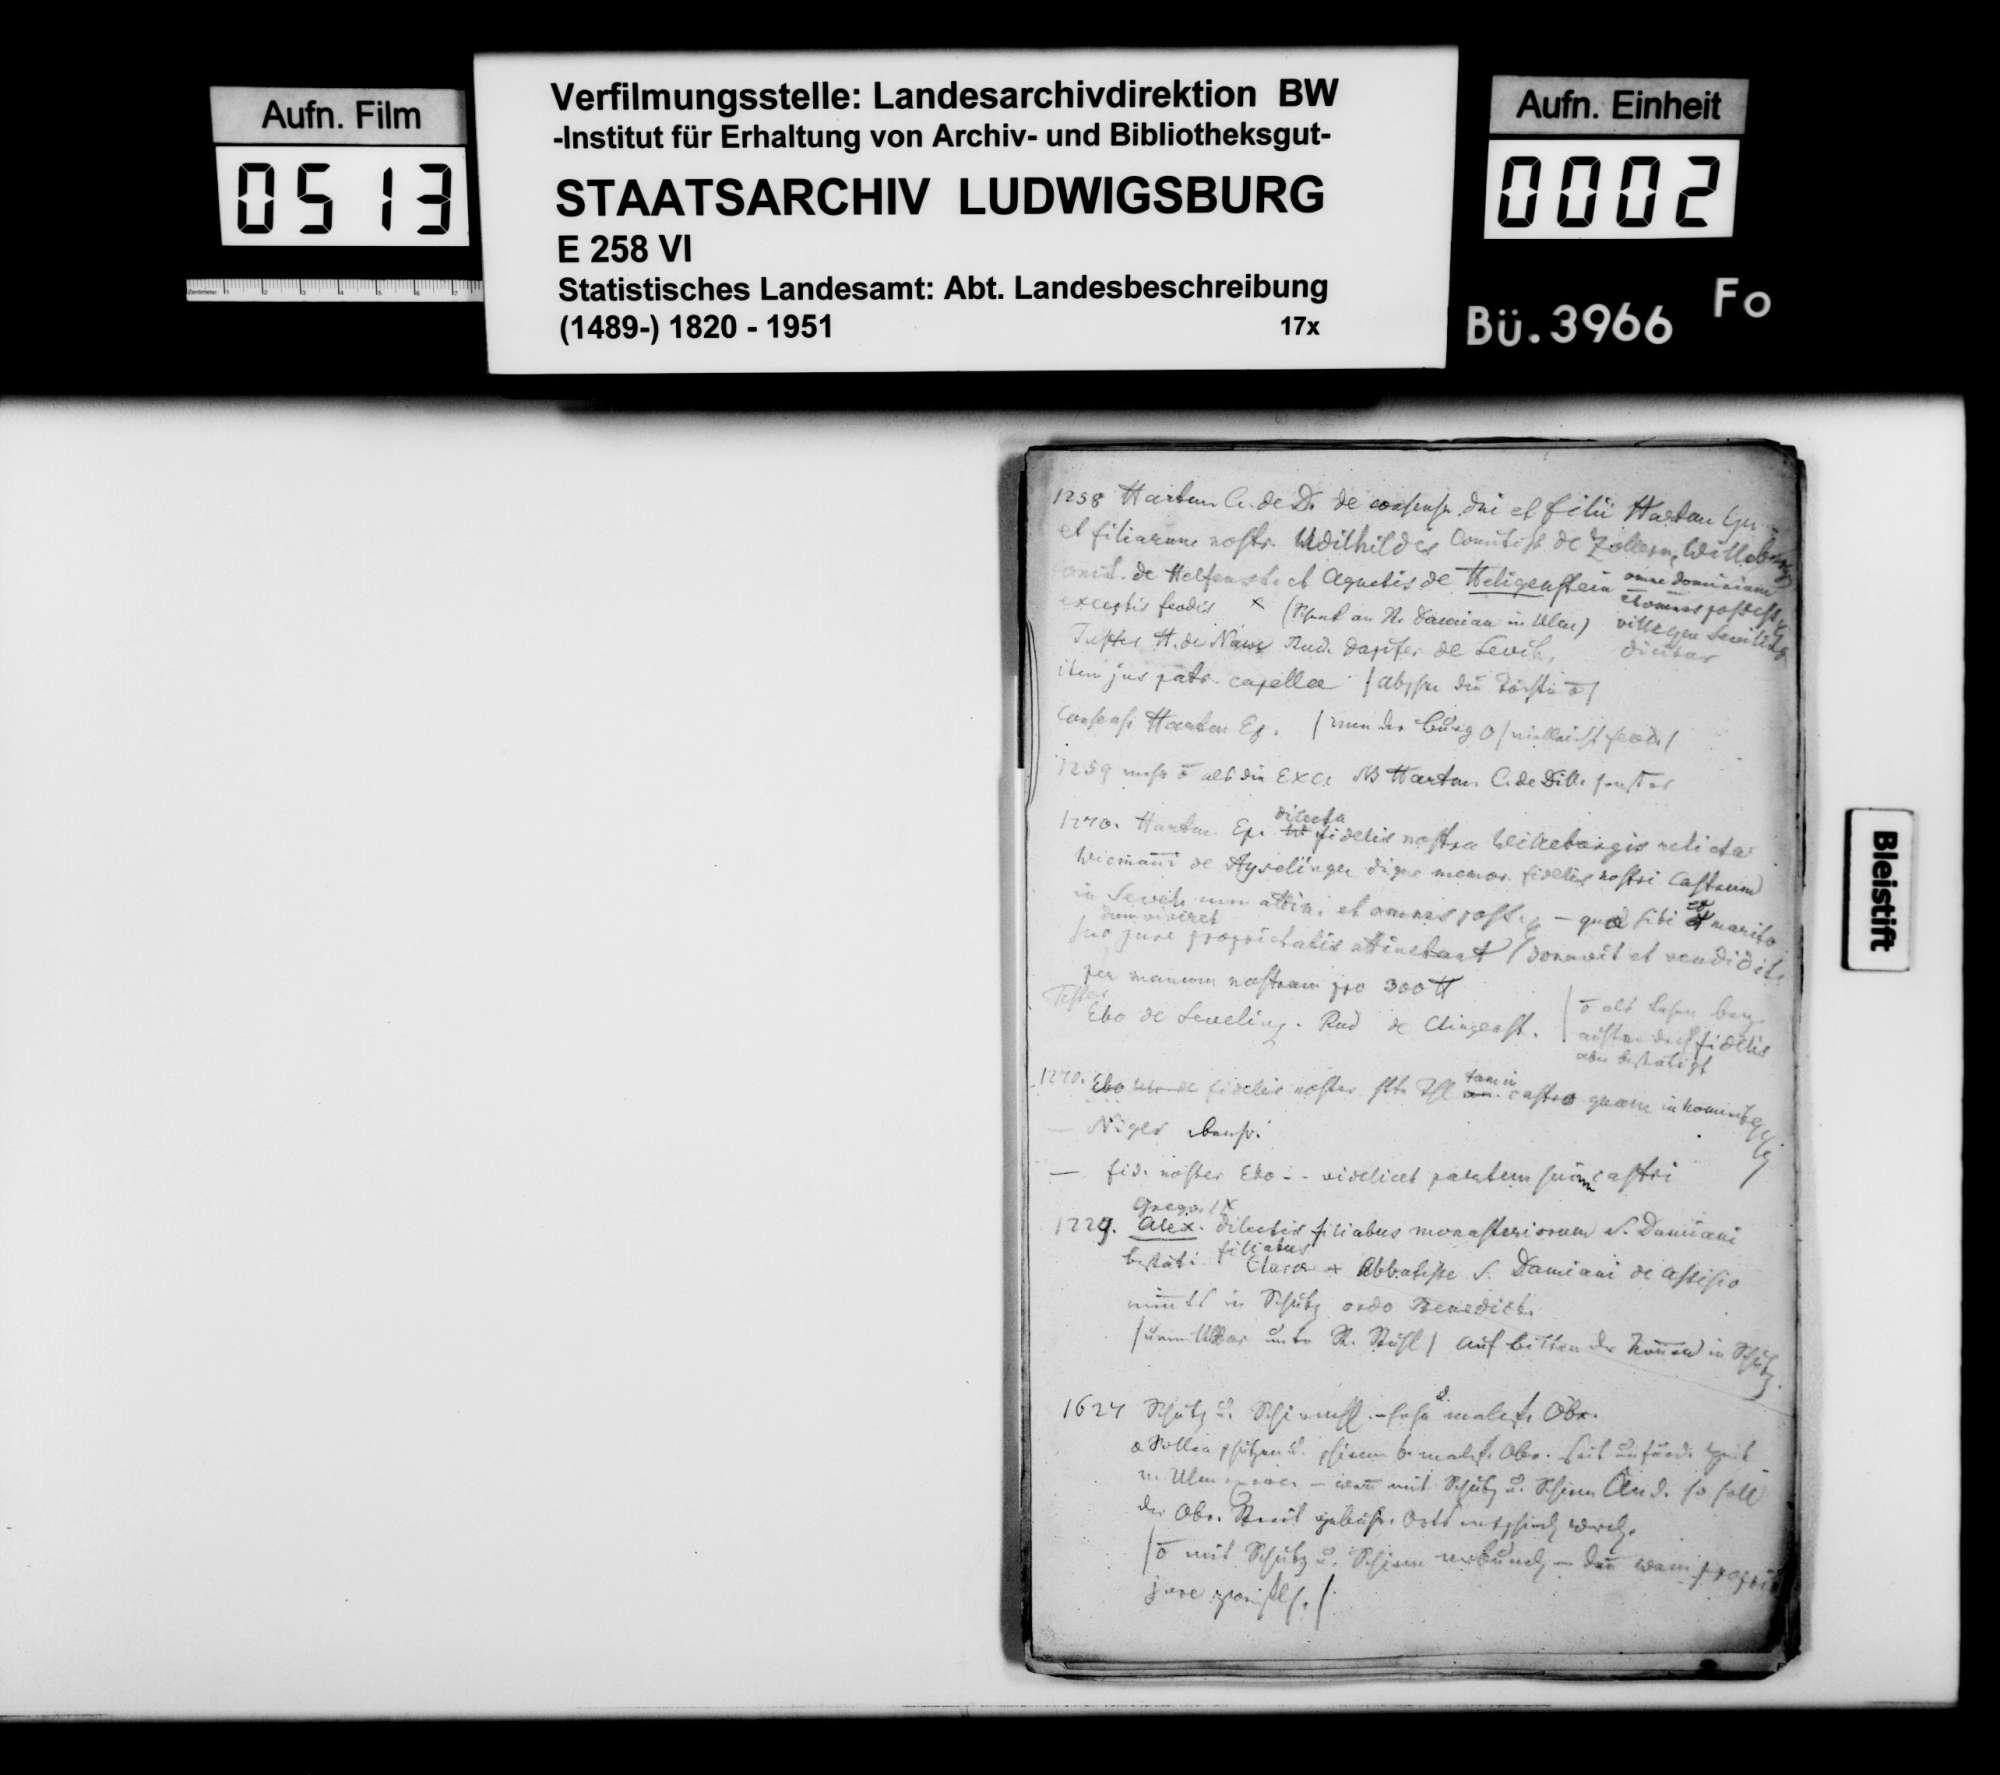 Notizen und Konzeptfragmente von Memminger zur OAB, Bild 1